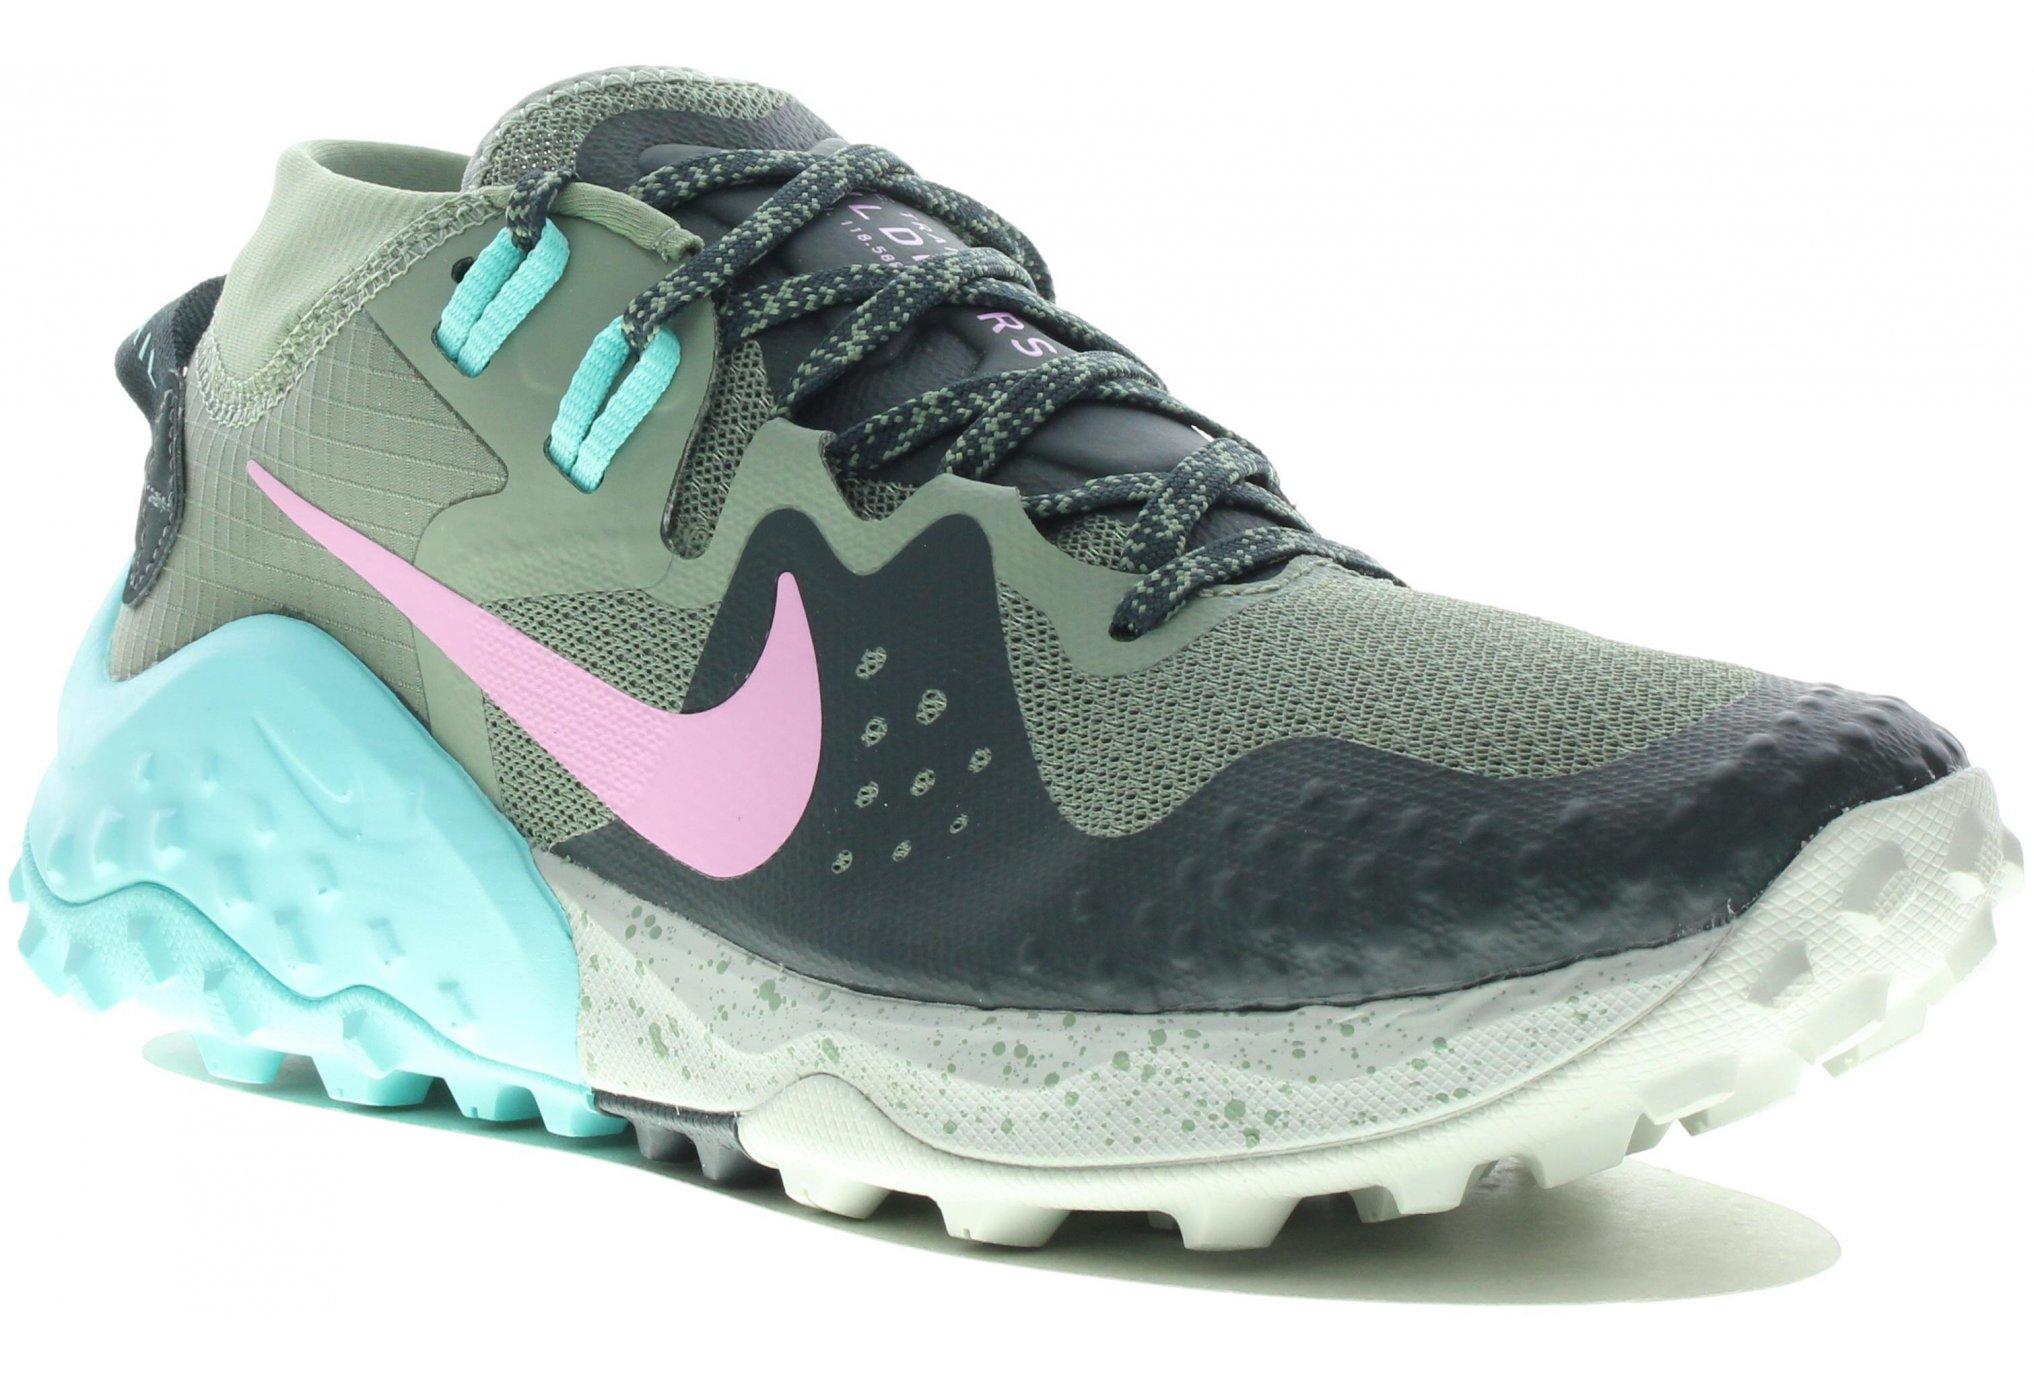 Nike Wildhorse 6 W Chaussures running femme